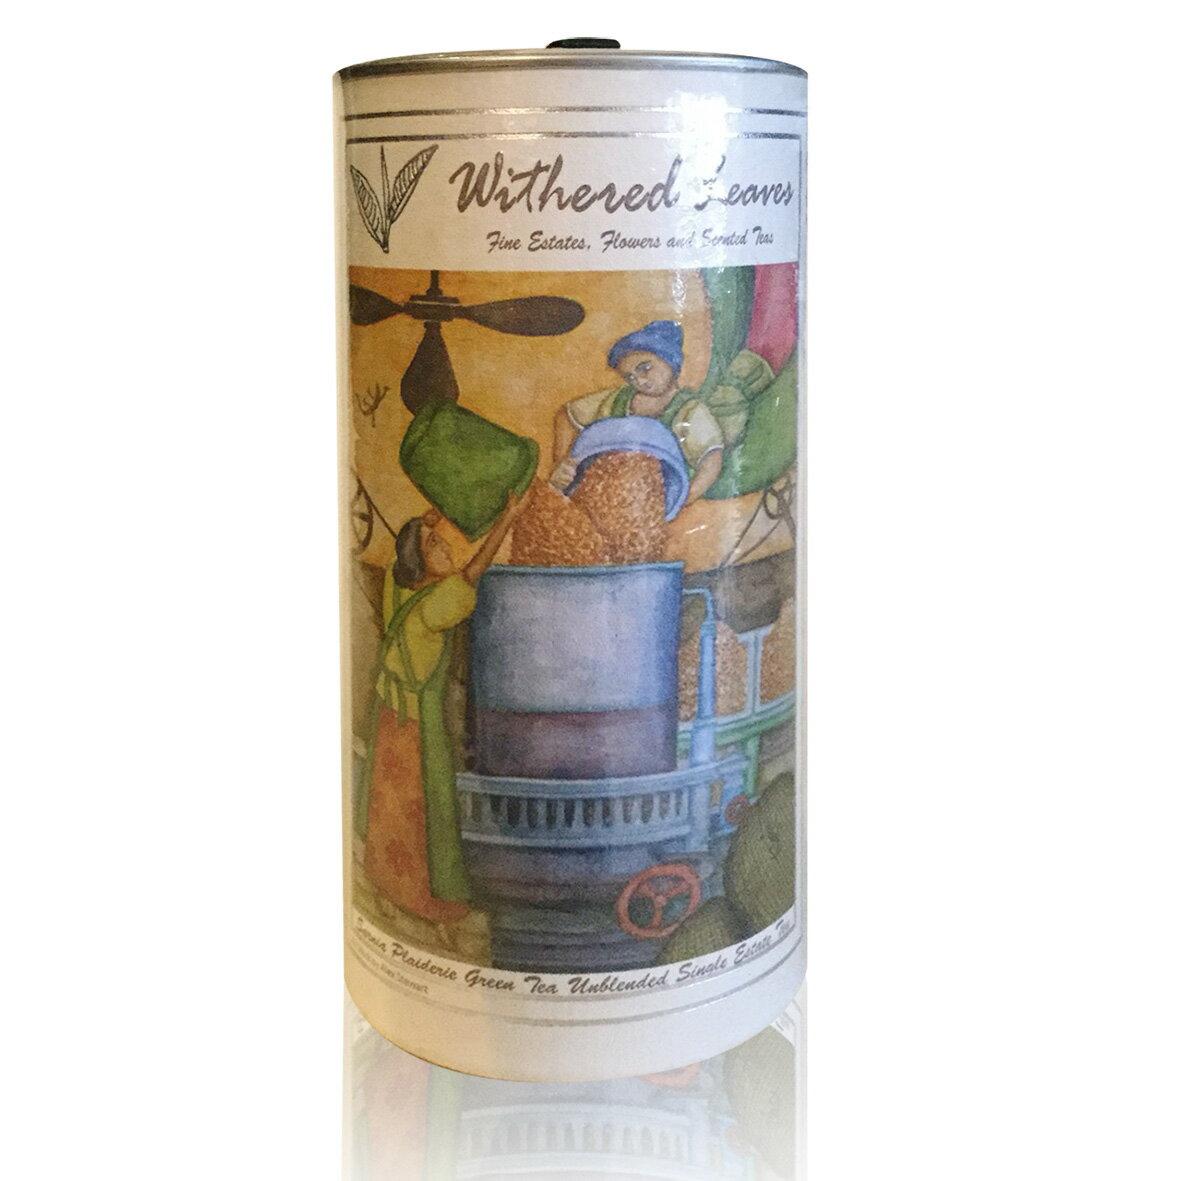 錫蘭茶—斯里蘭卡綠茶 150g